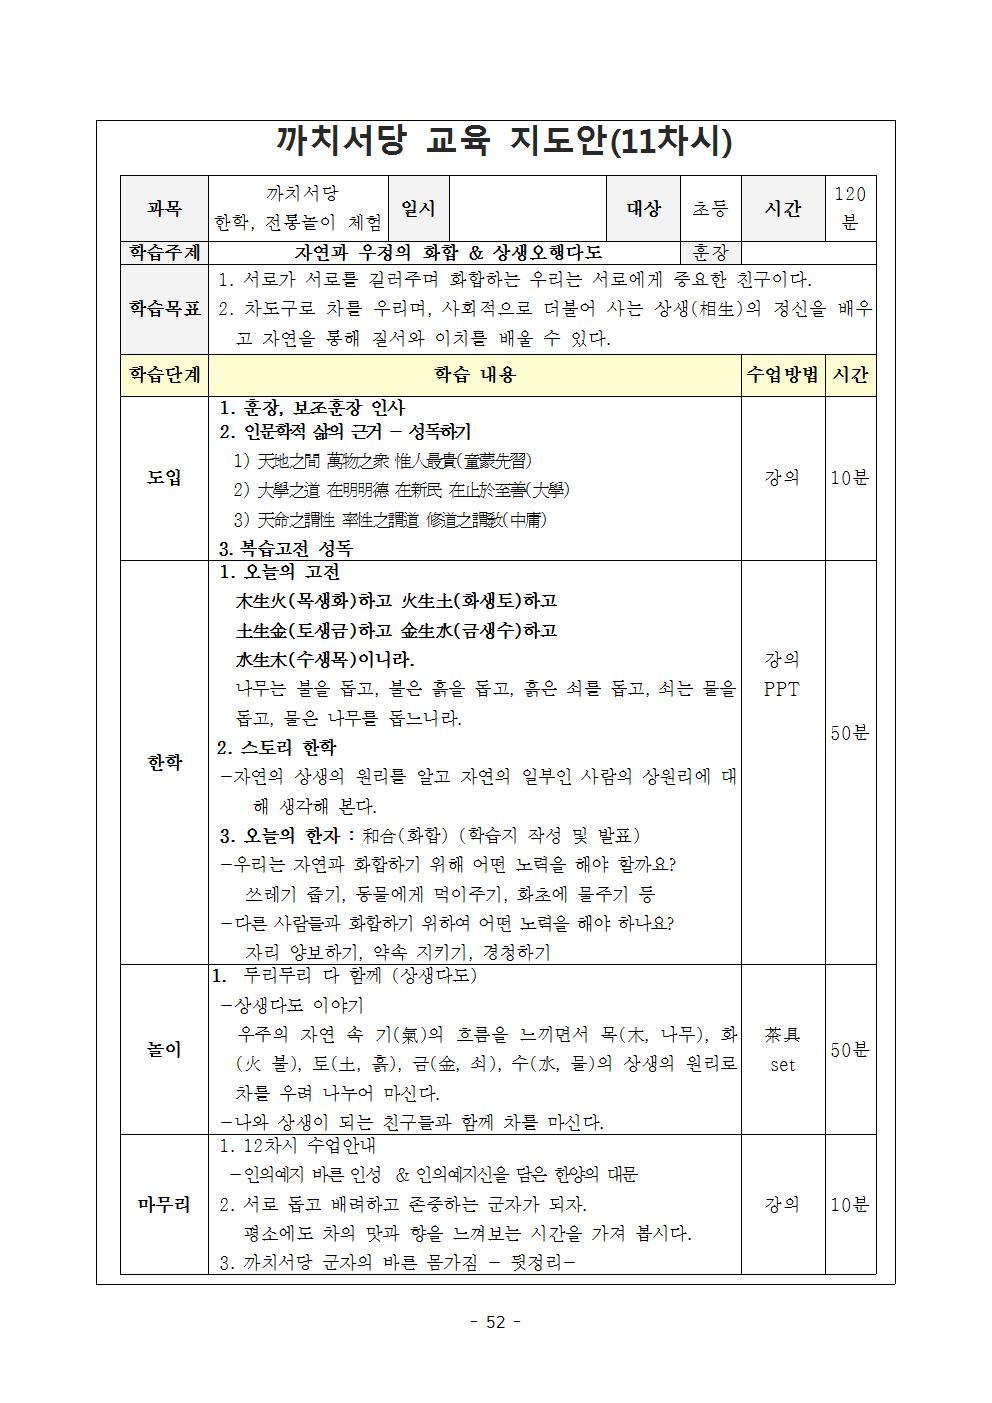 [인증]인성교육프로그램 인중 신청-까치서당(까치서당에서 군자되다)한국지역사회교육협의회 추가서류수정052.jpg